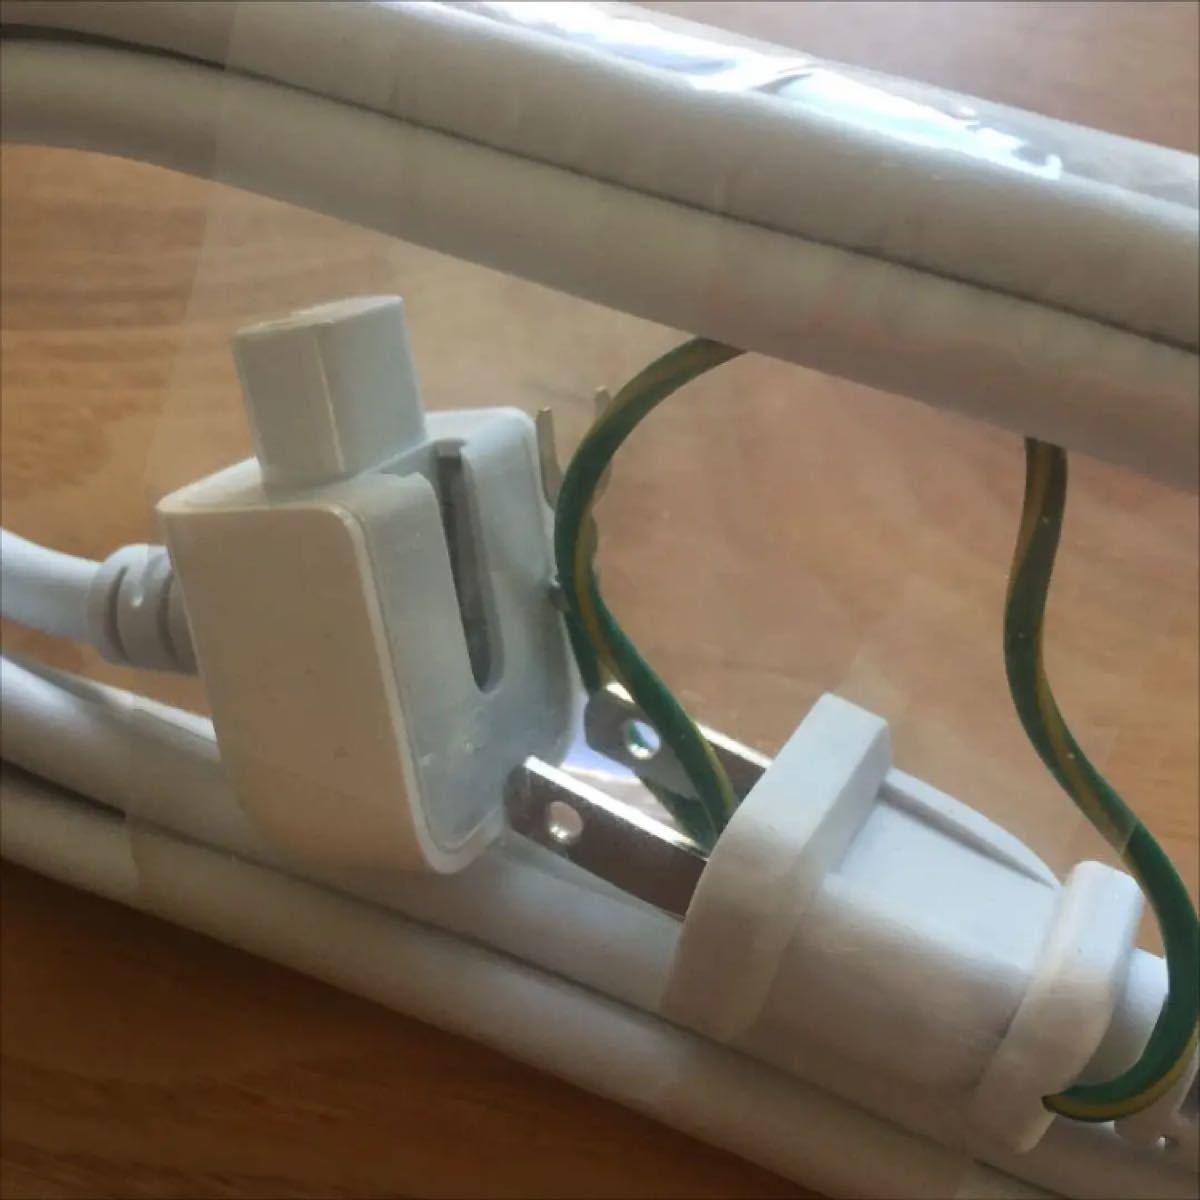 Apple純正 MacBook Pro 電源アダプタ 延長ケーブル 延長コード